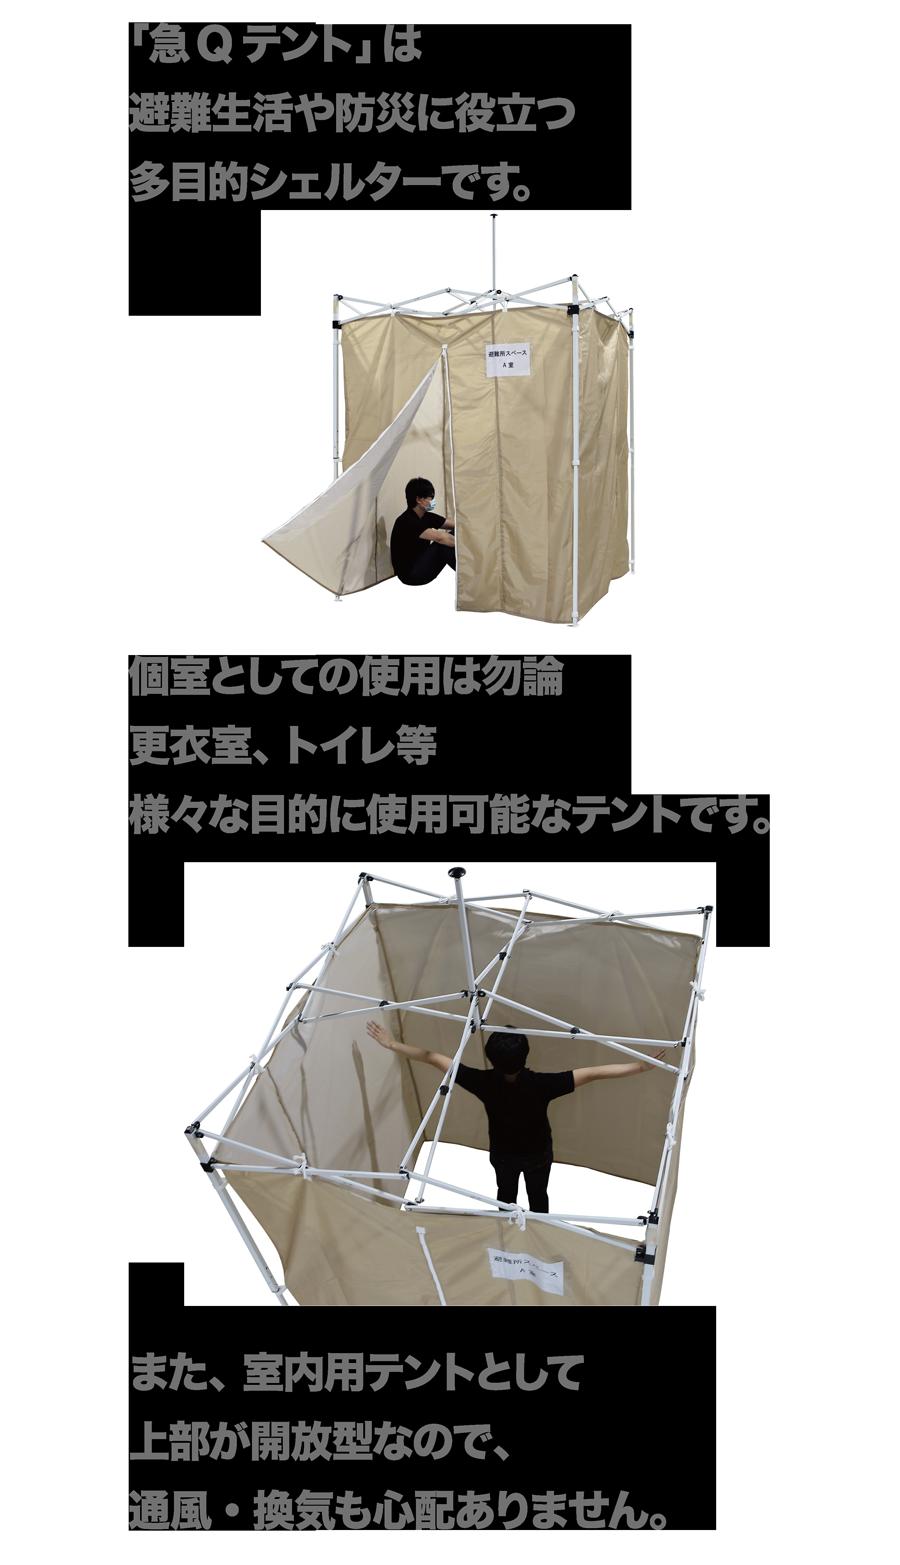 「急Qテント」は避難生活や防災に役立つ多目的シェルターです。個室としての使用は勿論 更衣室、トイレ等 様々な目的に使用可能なテントです。 また、室内用テントとして上部が開放型なので、通風・換気も心配ありません。